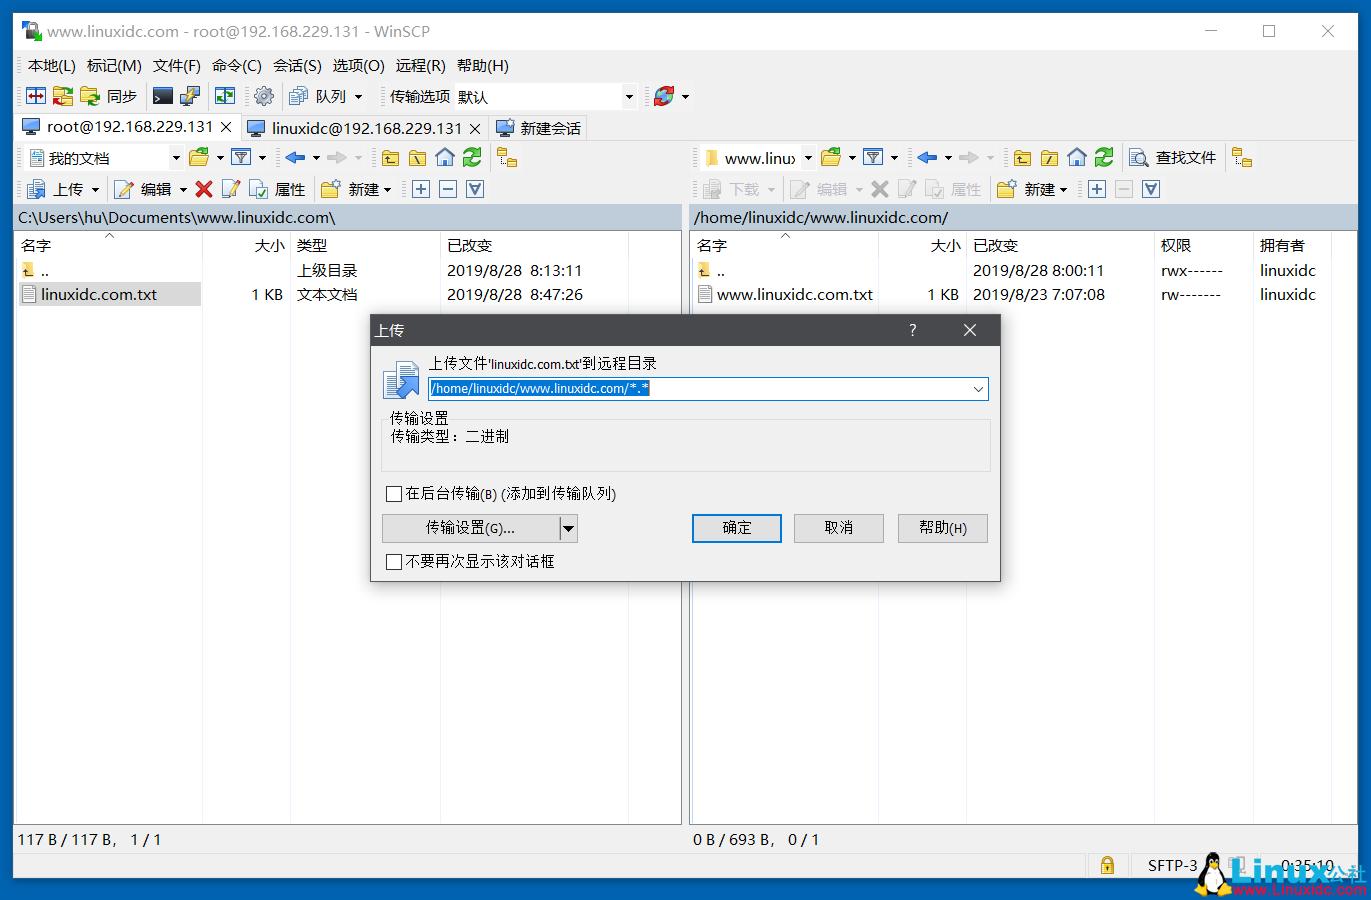 使用WinSCP实现Windows与Linux之间的文件传输